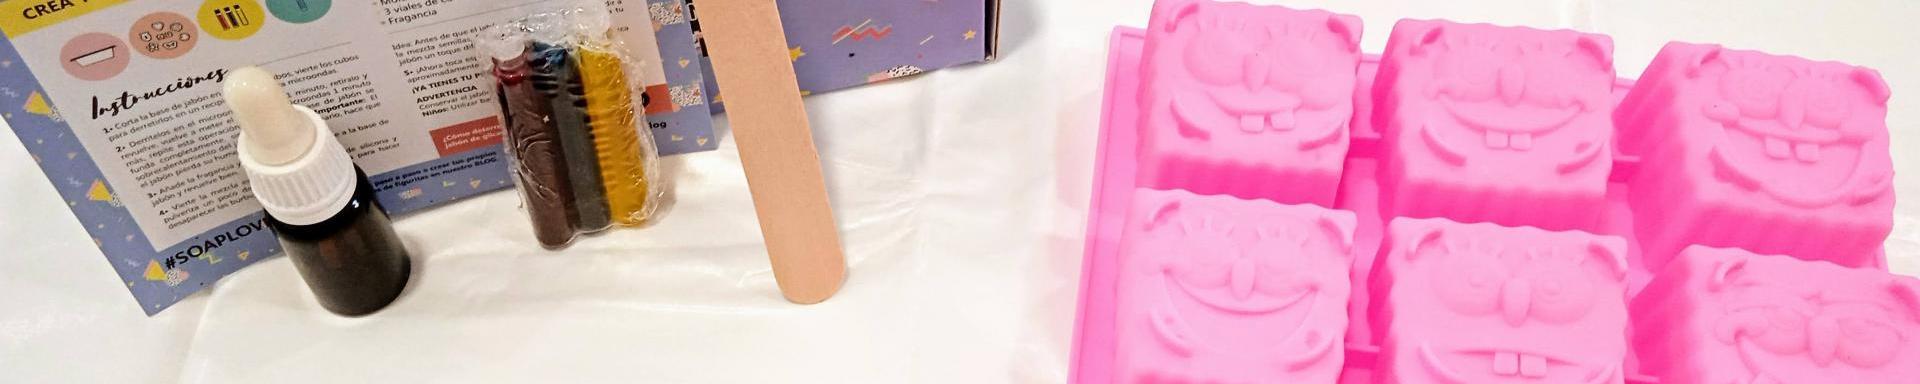 Hacer jabones de glicerina con niños- DIY